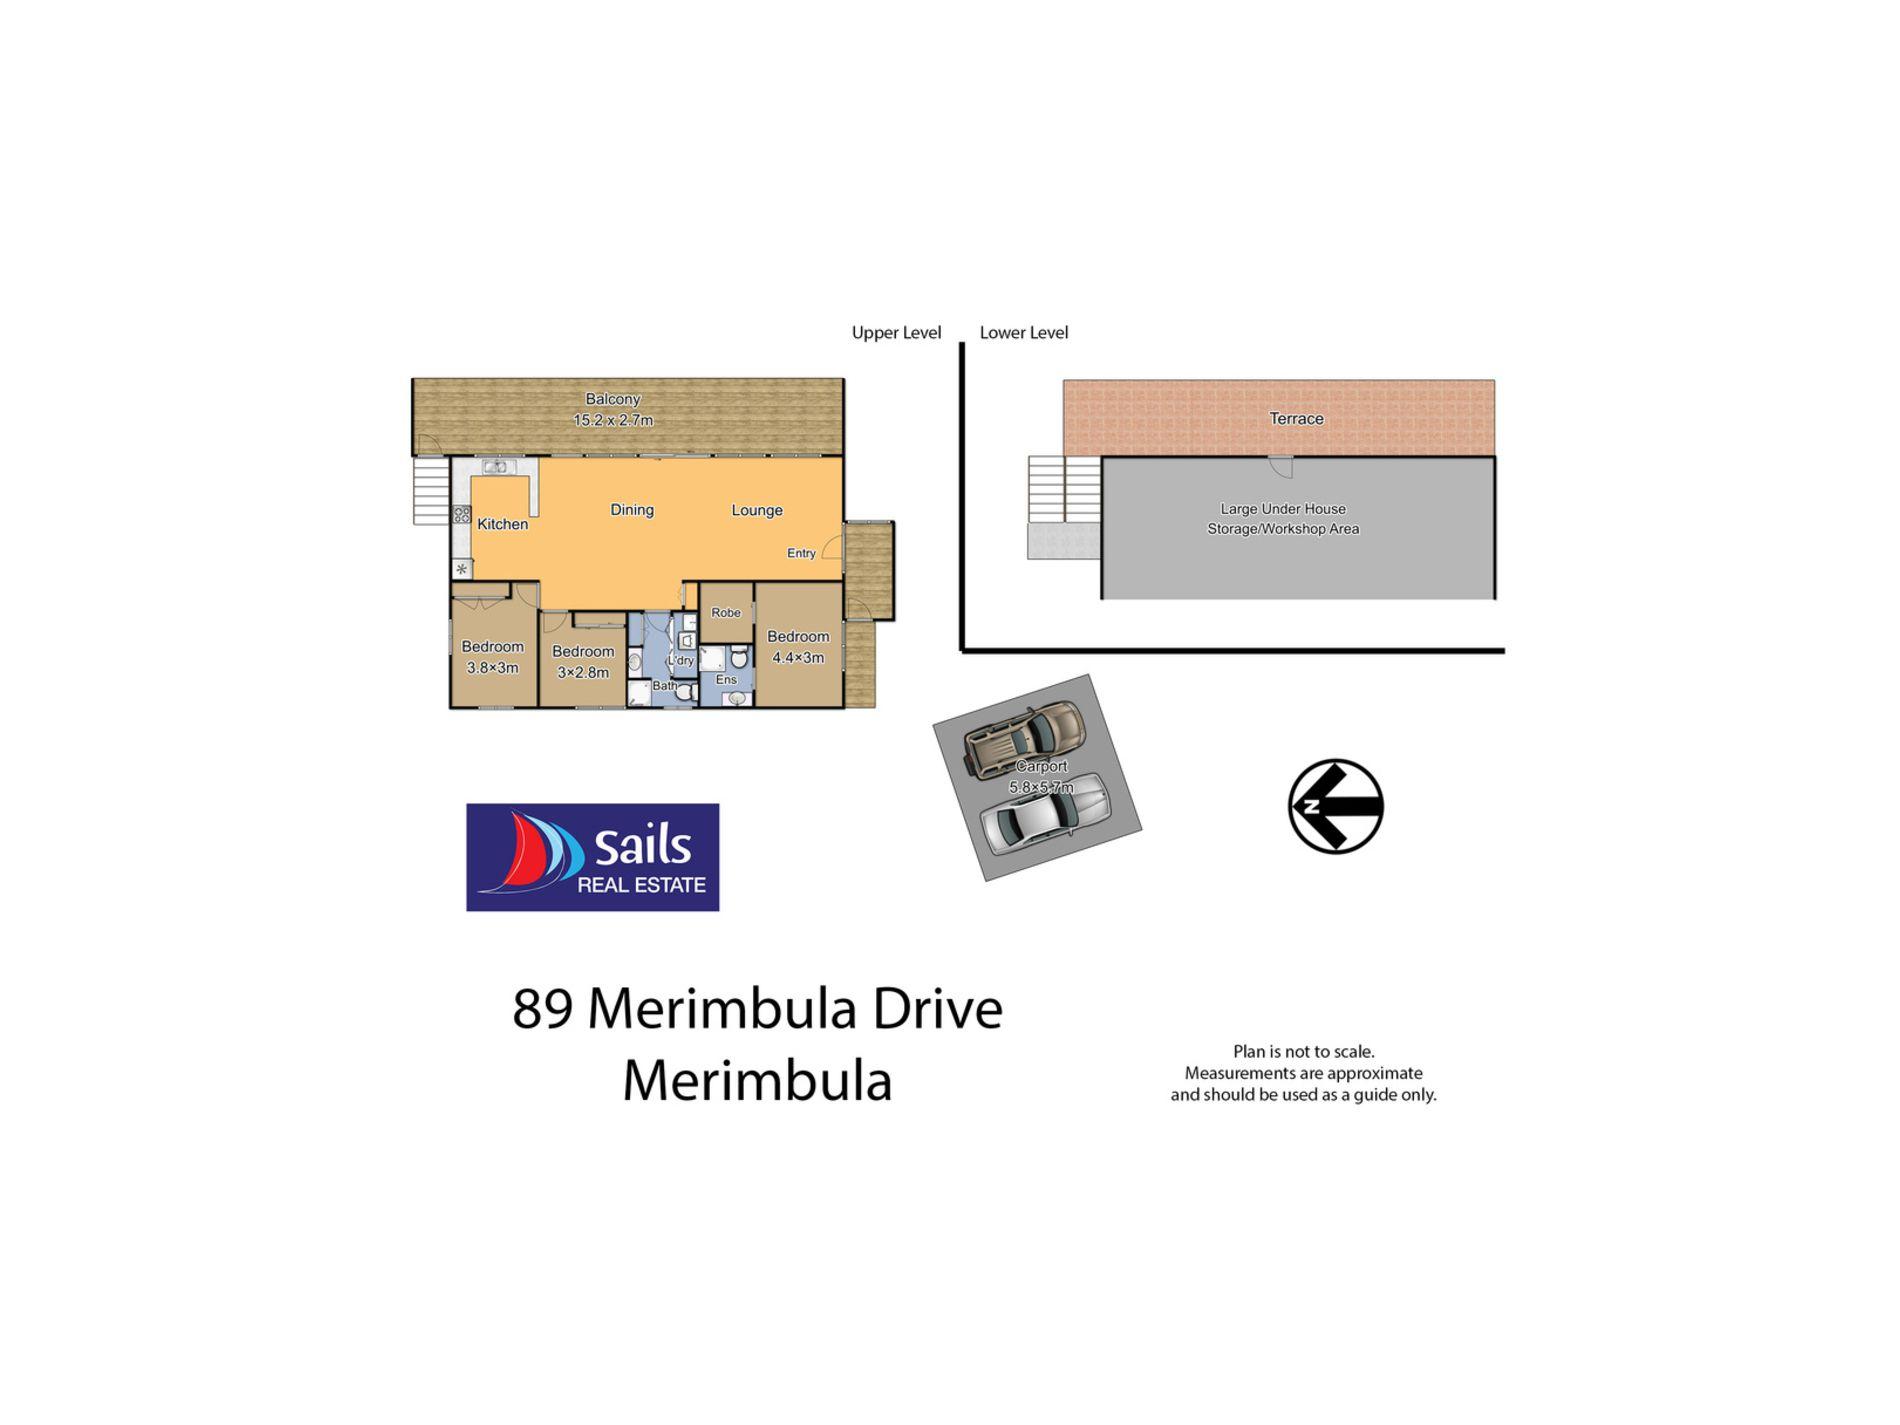 89 Merimbula Drive, Merimbula